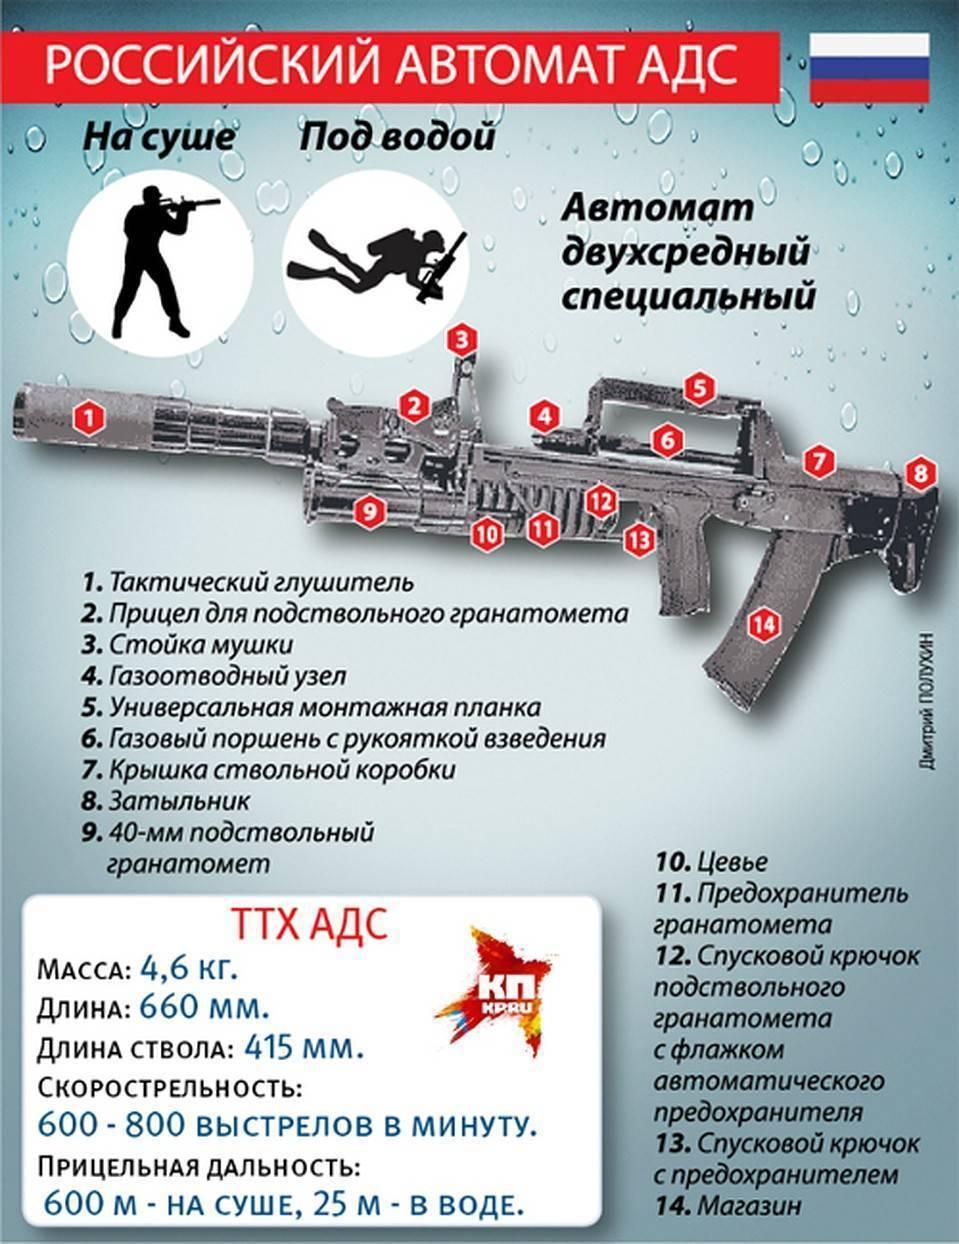 Автомат подводный апс фото. ттх. видео. размеры. скорострельность. скорость пули. прицельная дальность. вес